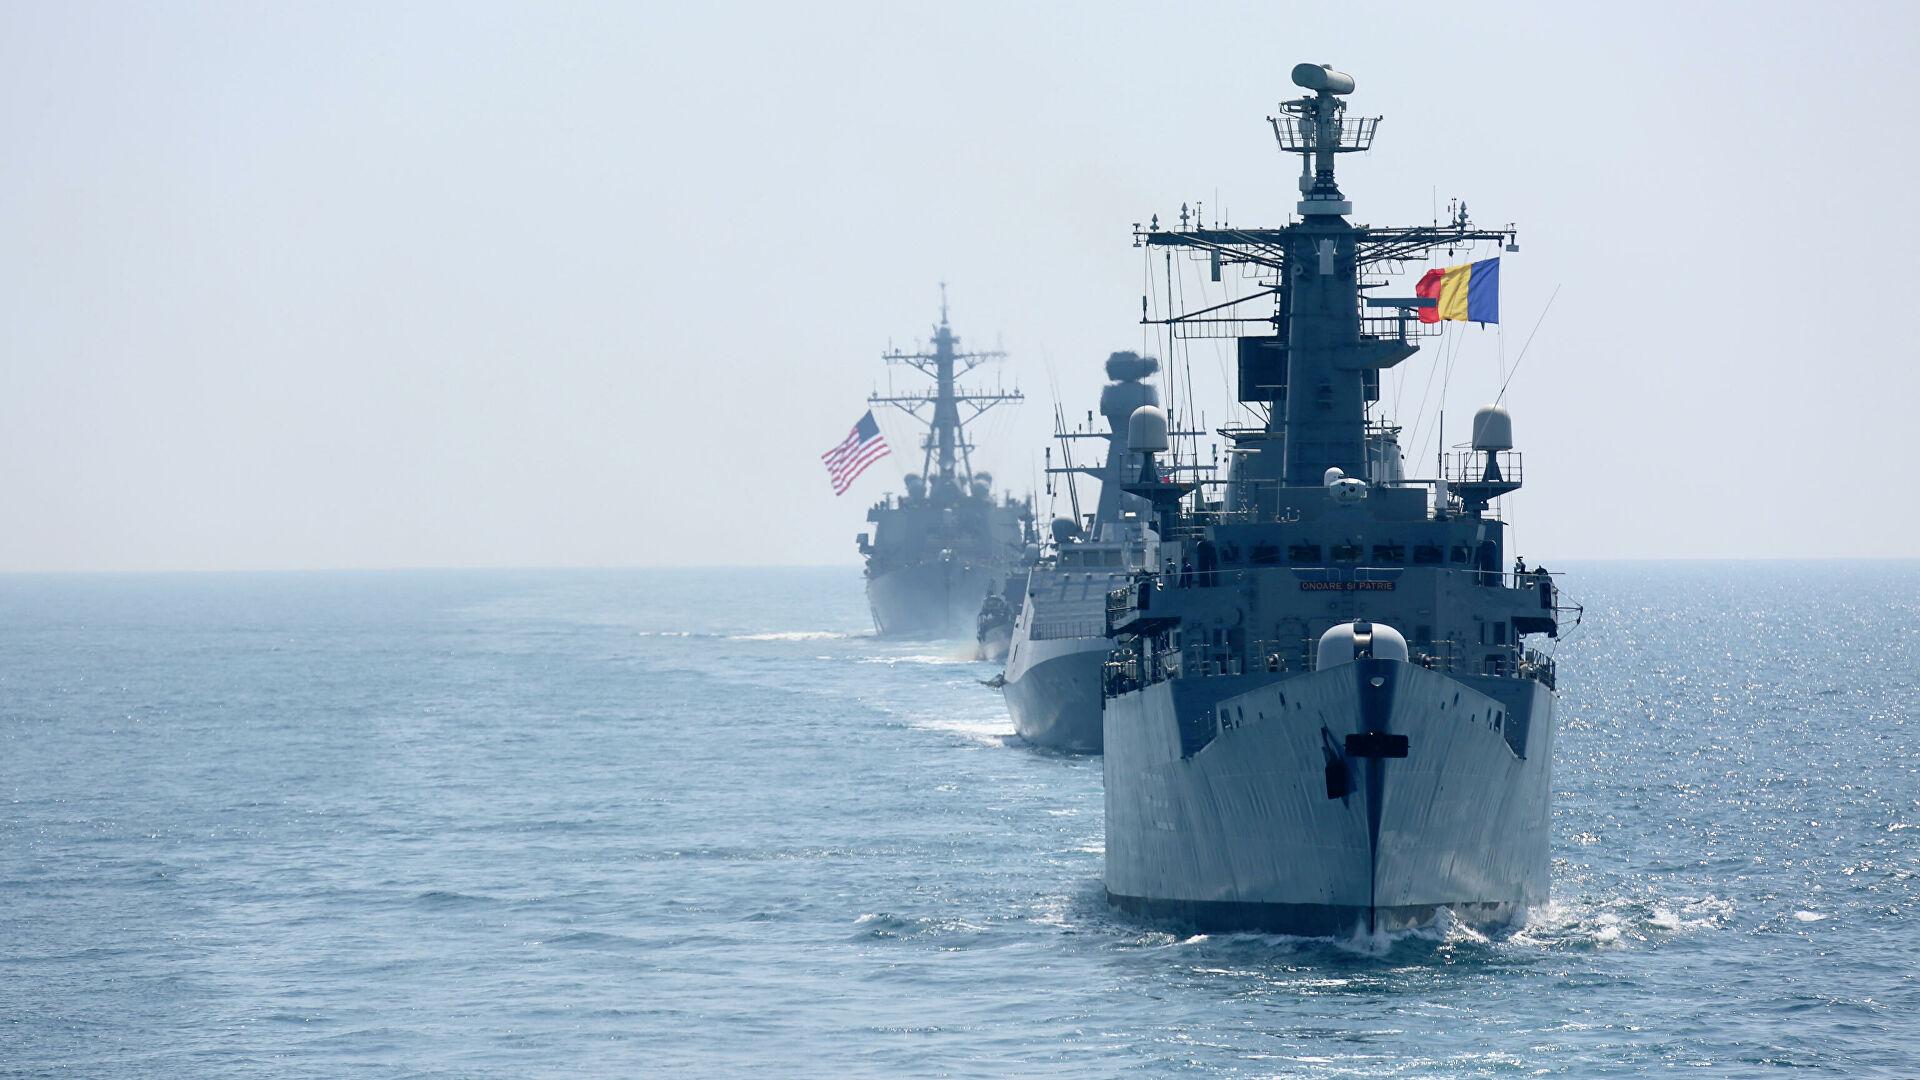 Русија ће адекватно одговорити на јачање присуства НАТО-а у Црном мору